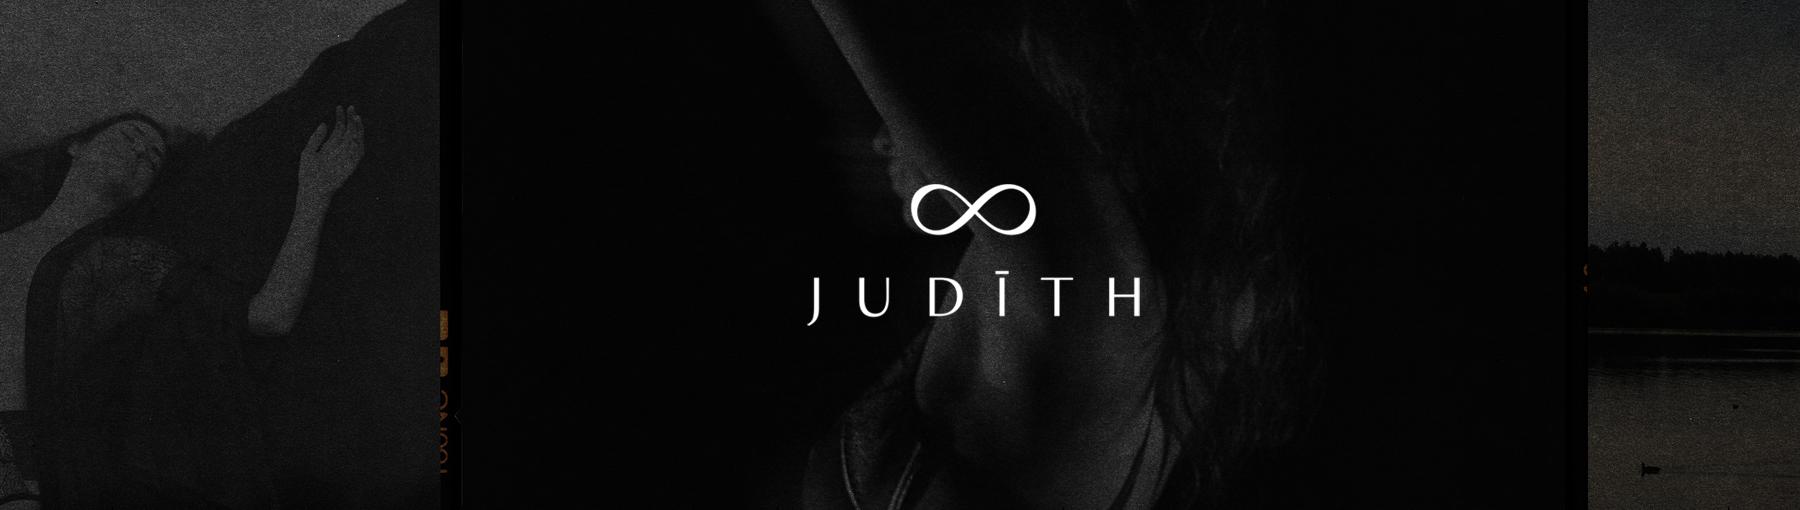 JudithLingerie3kopie